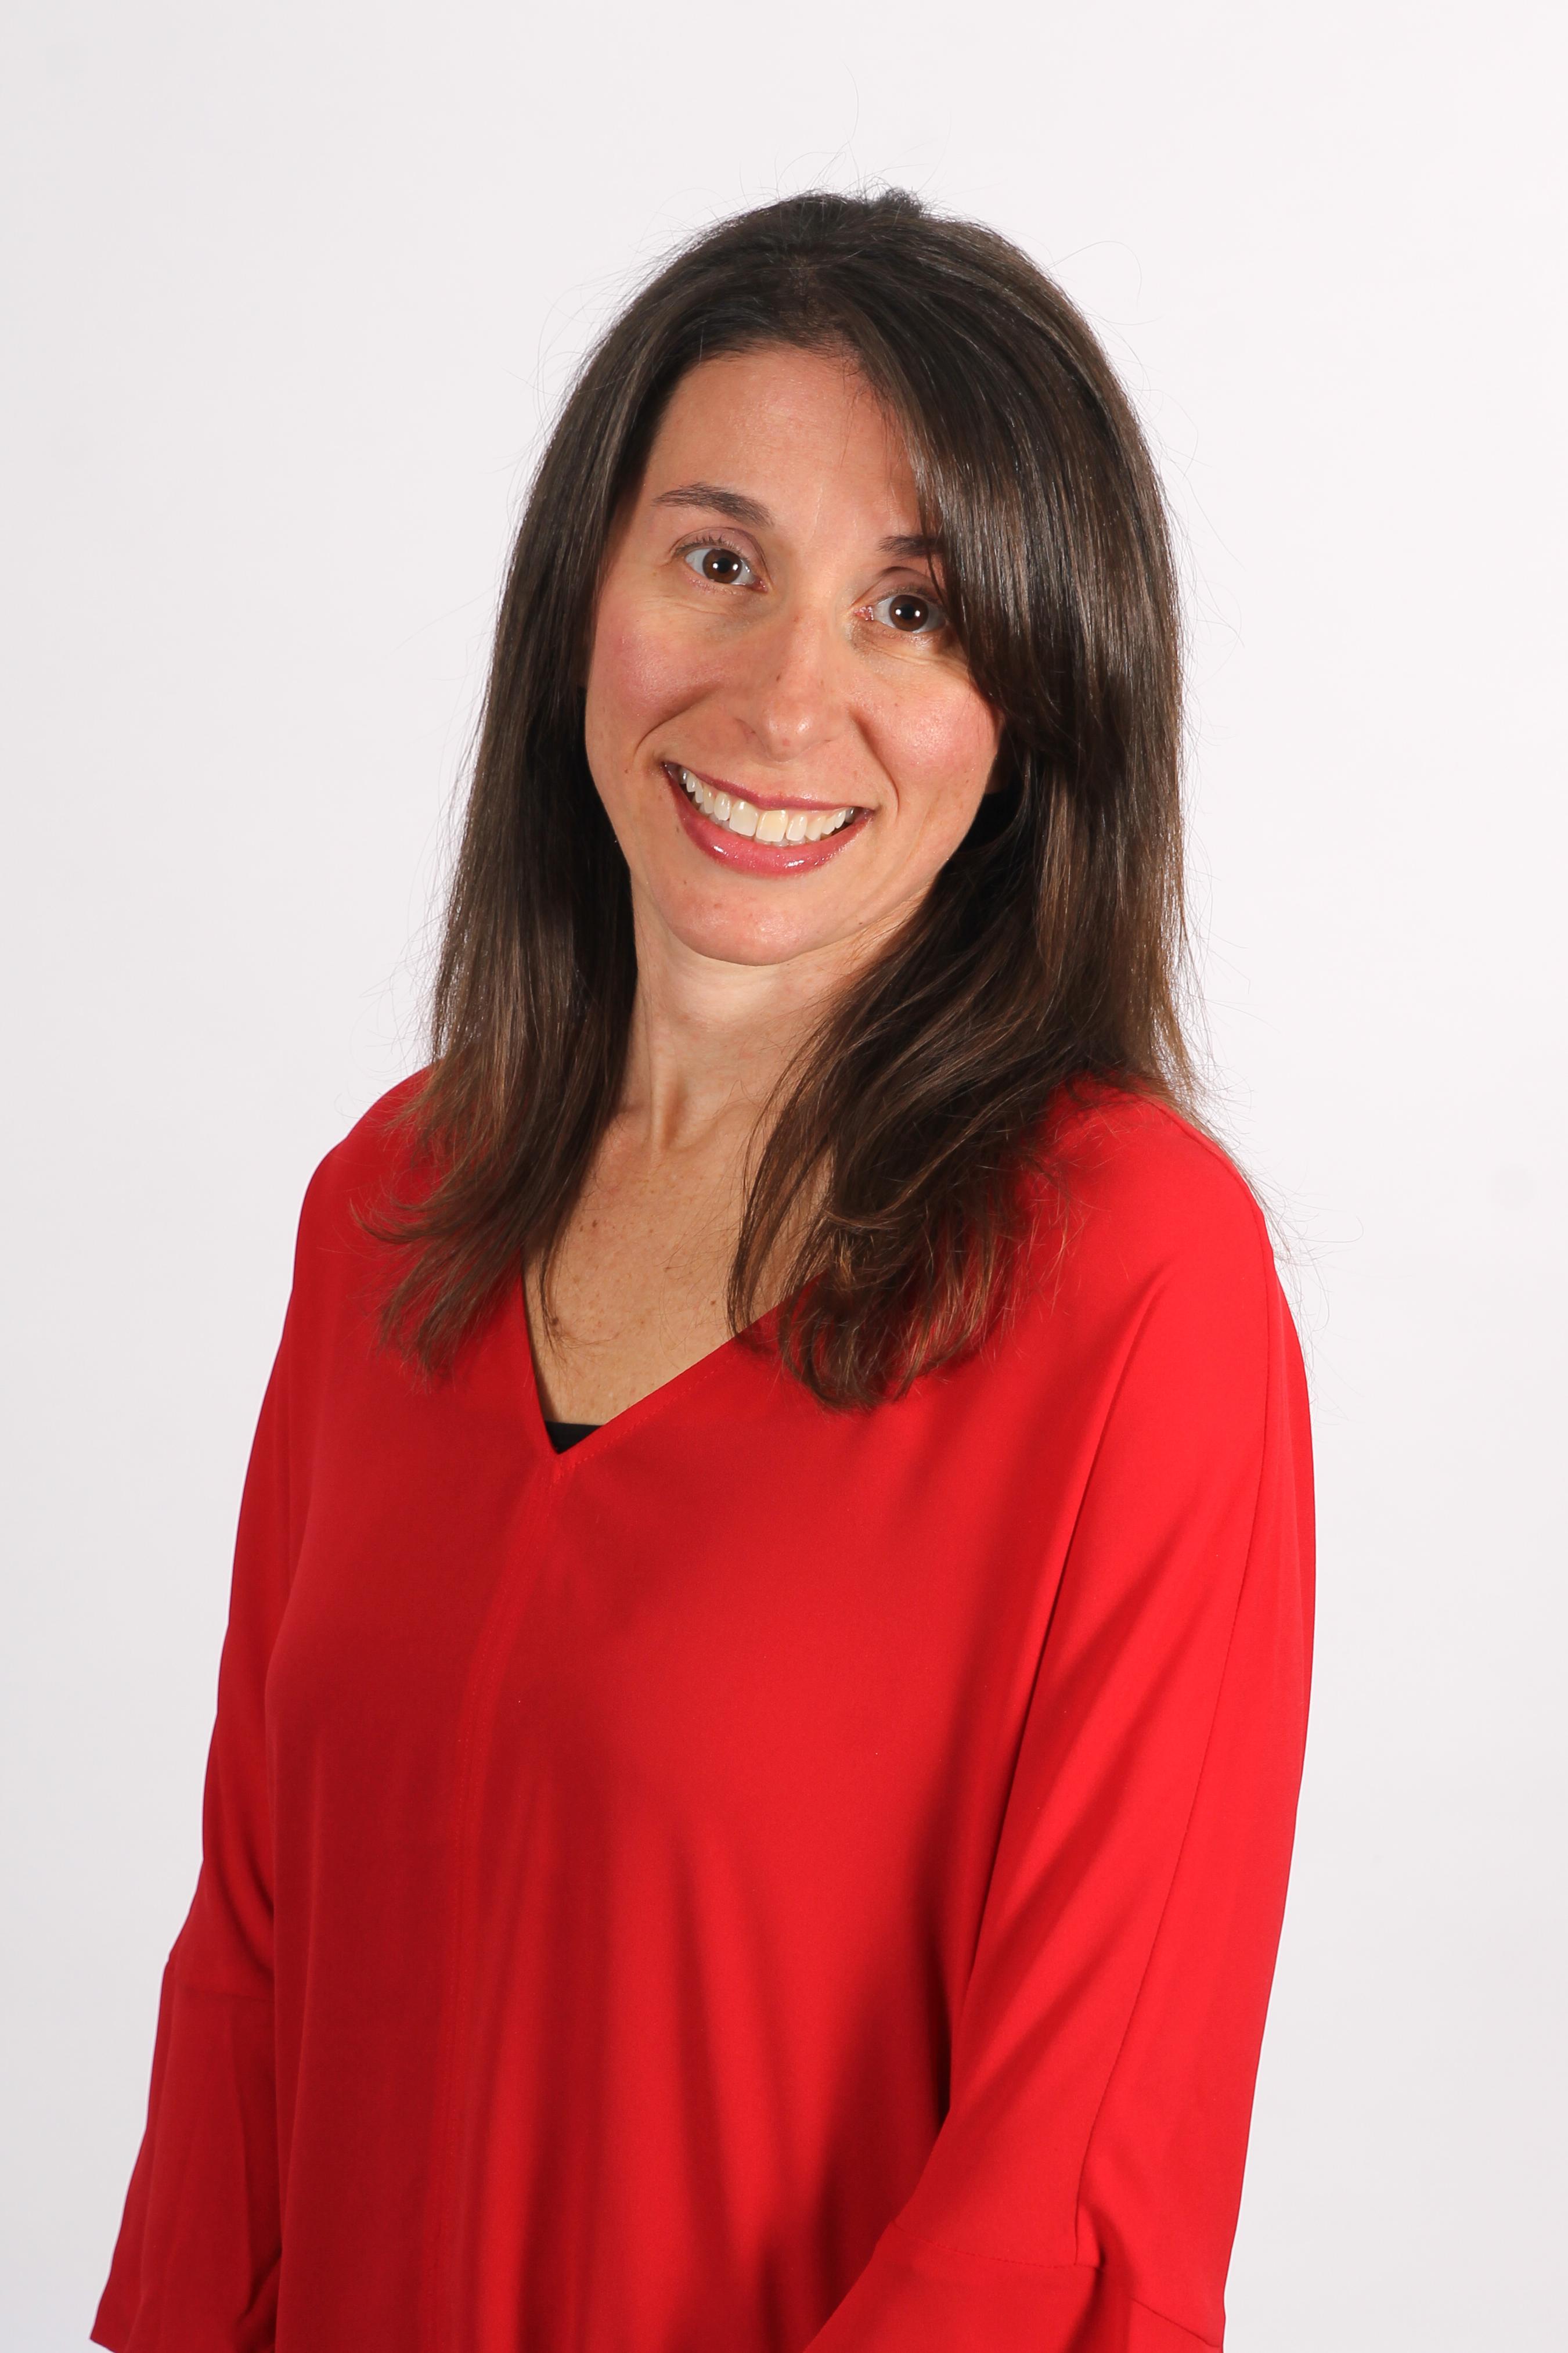 Tracy Spaniol